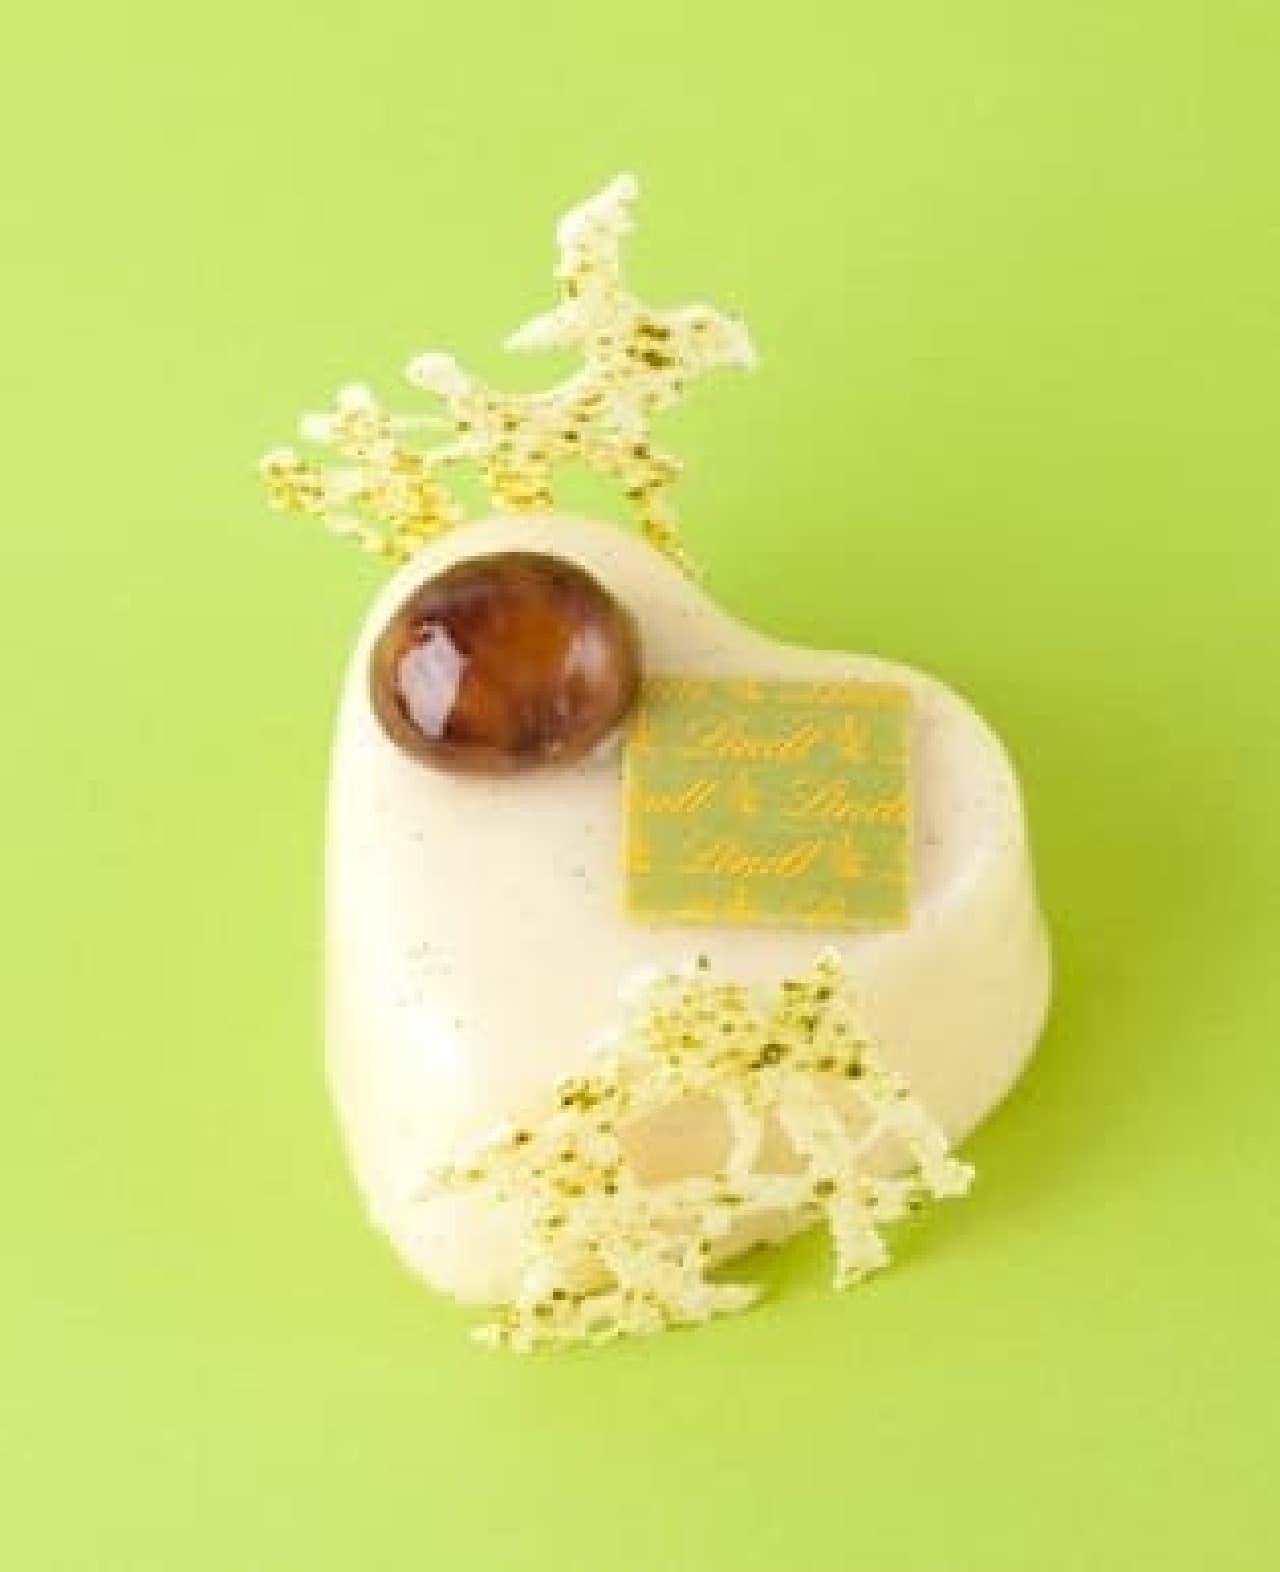 ホワイトデー限定のスペシャルケーキ「ル・クール・ブラン」